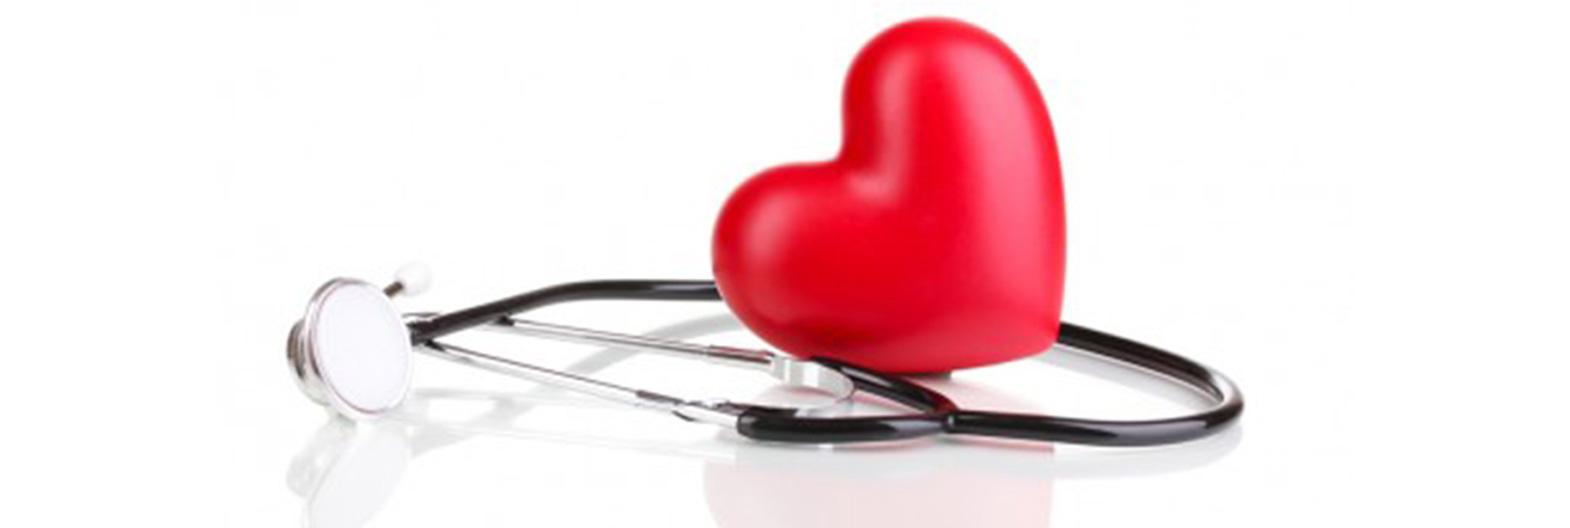 Vegetatyvinis-kraujagyslių distonija: tipai, priežastys, simptomai, gydymas suaugusiems ir vaikams